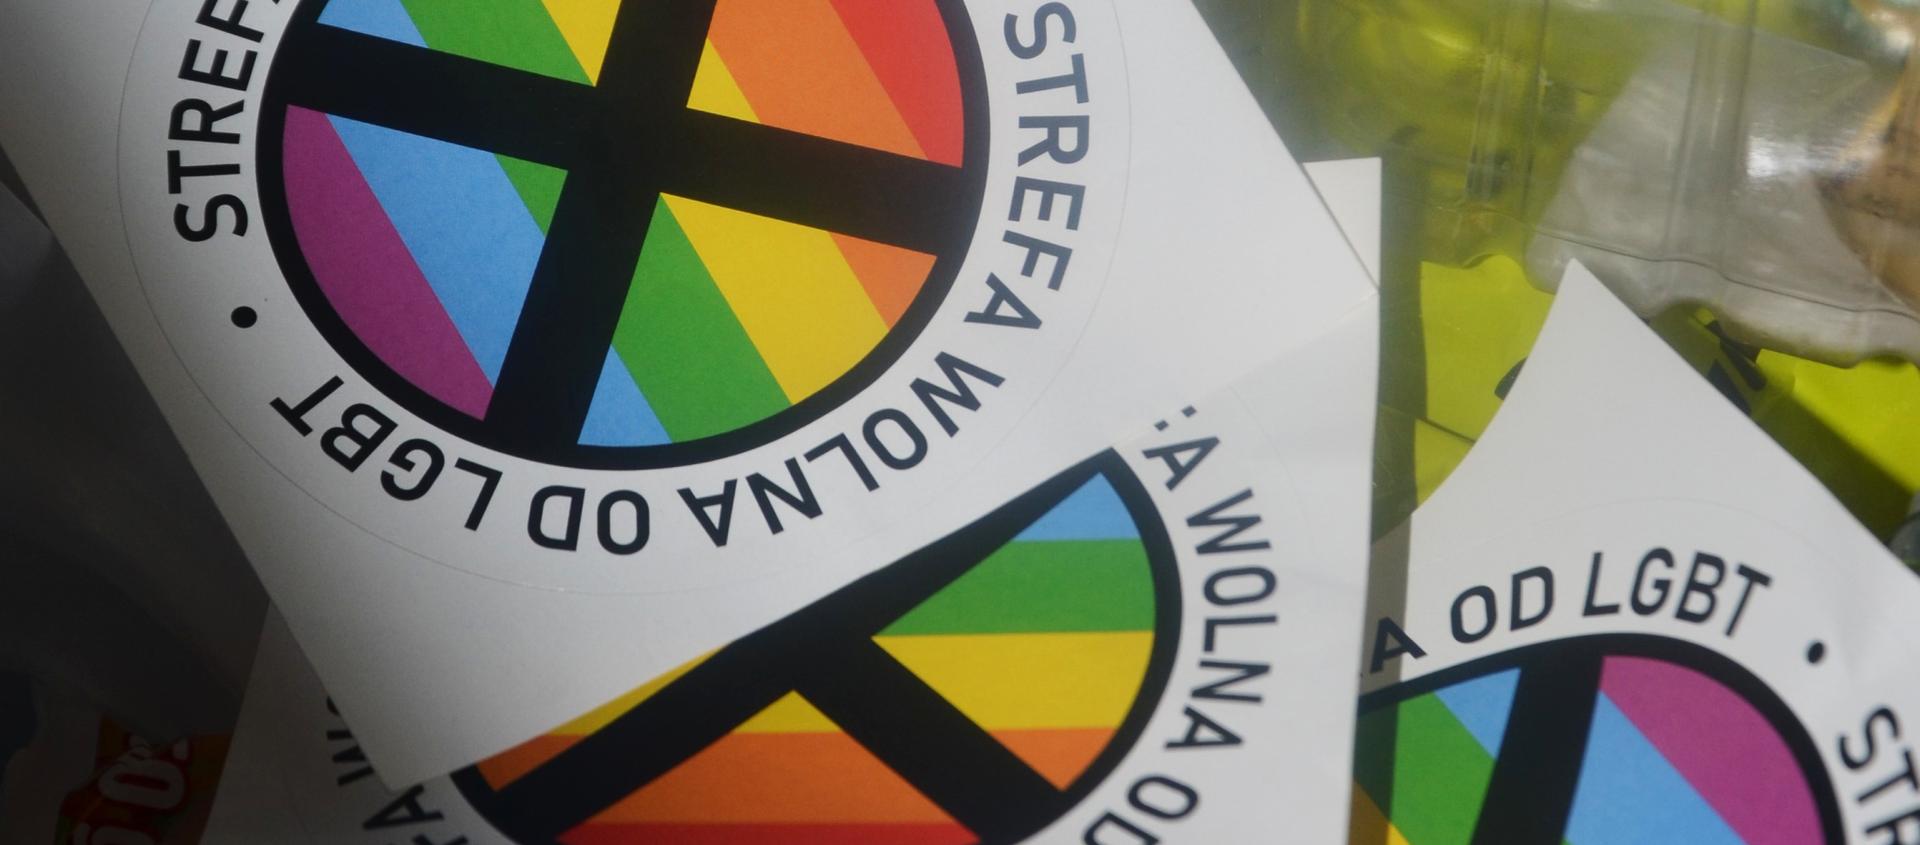 El logo de las 'zonas libres de LGBT' - Sputnik Mundo, 1920, 29.07.2020